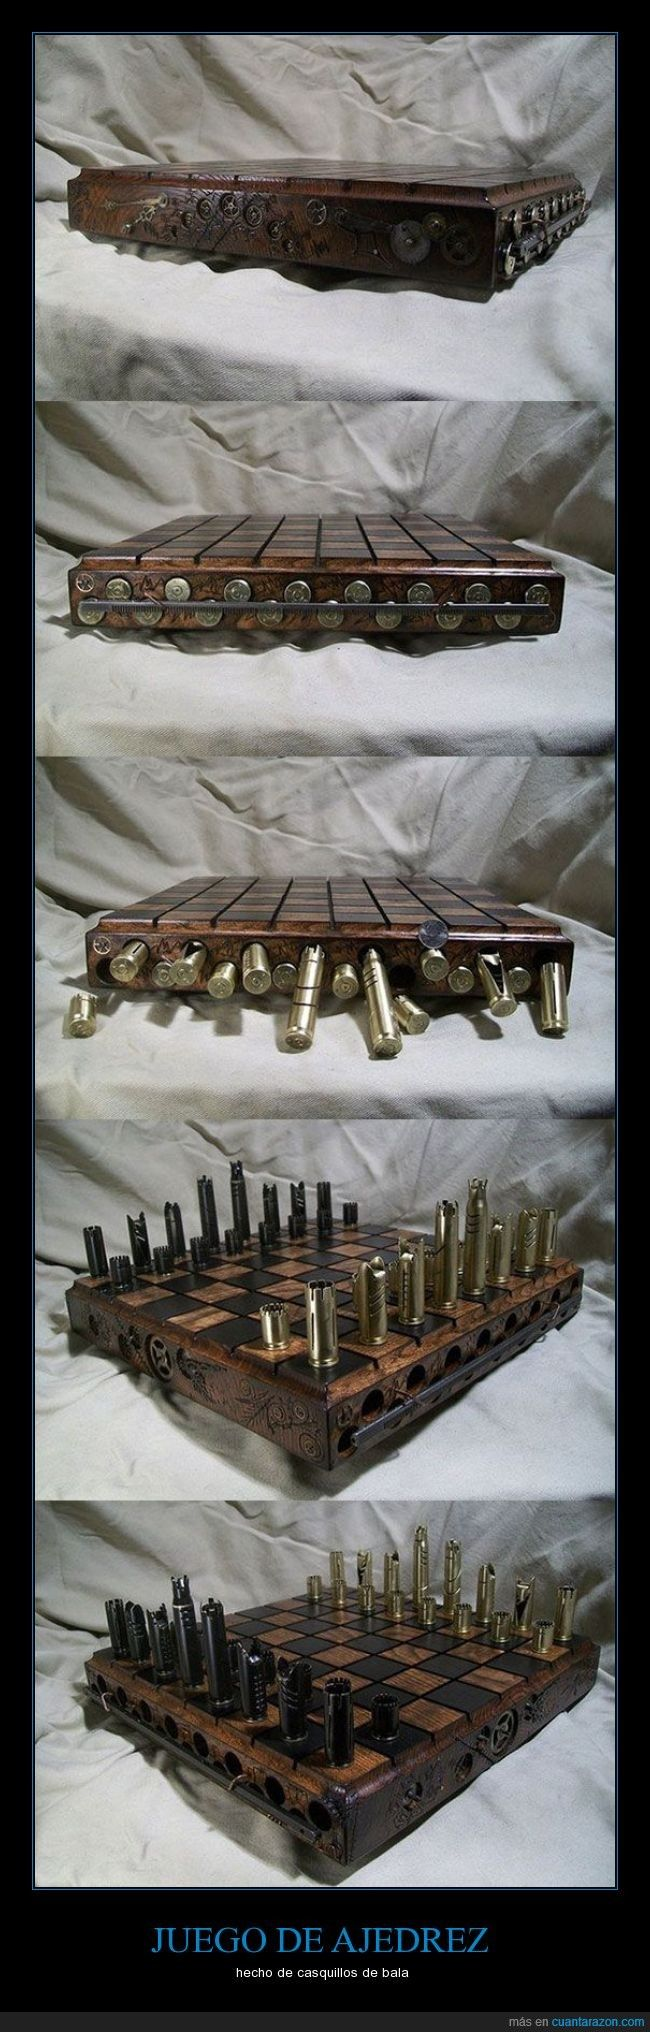 Mucho mejor uso de las balas, sí señor - hecho de casquillos de bala   Gracias a http://www.cuantarazon.com/   Si quieres leer la noticia completa visita: http://www.estoy-aburrido.com/mucho-mejor-uso-de-las-balas-si-senor-hecho-de-casquillos-de-bala/